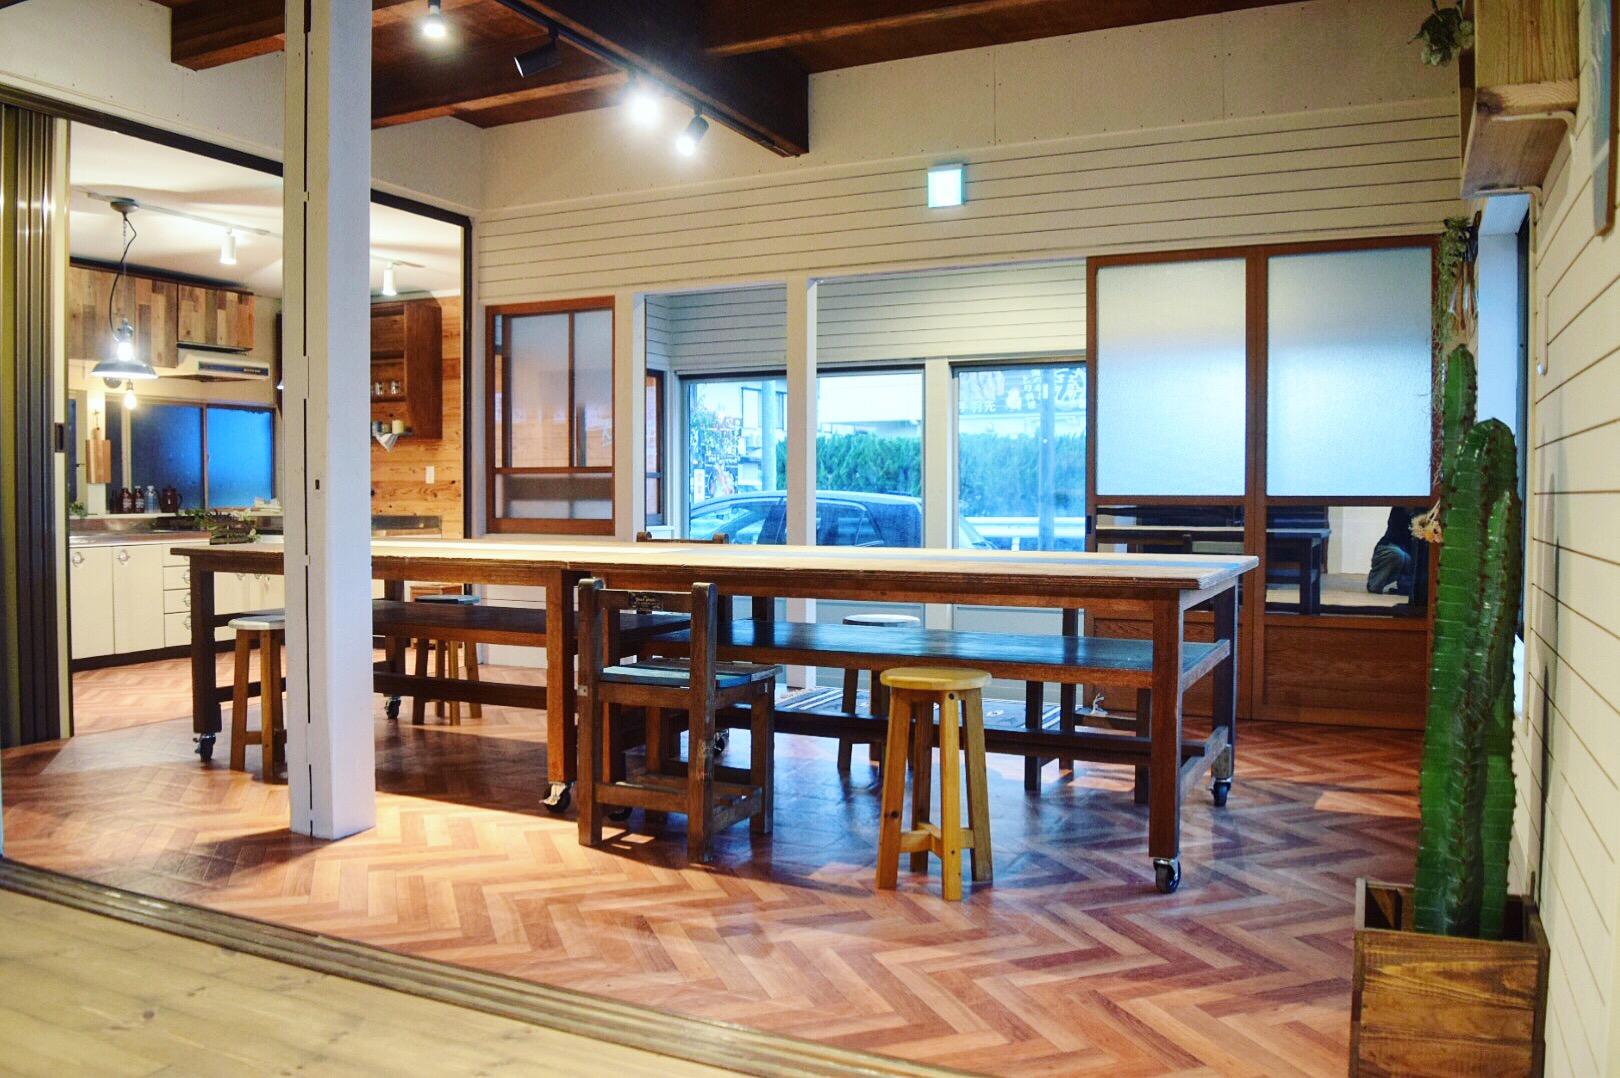 ≪参加者募集!≫ 名古屋で空き家活用トークライブを開催します!